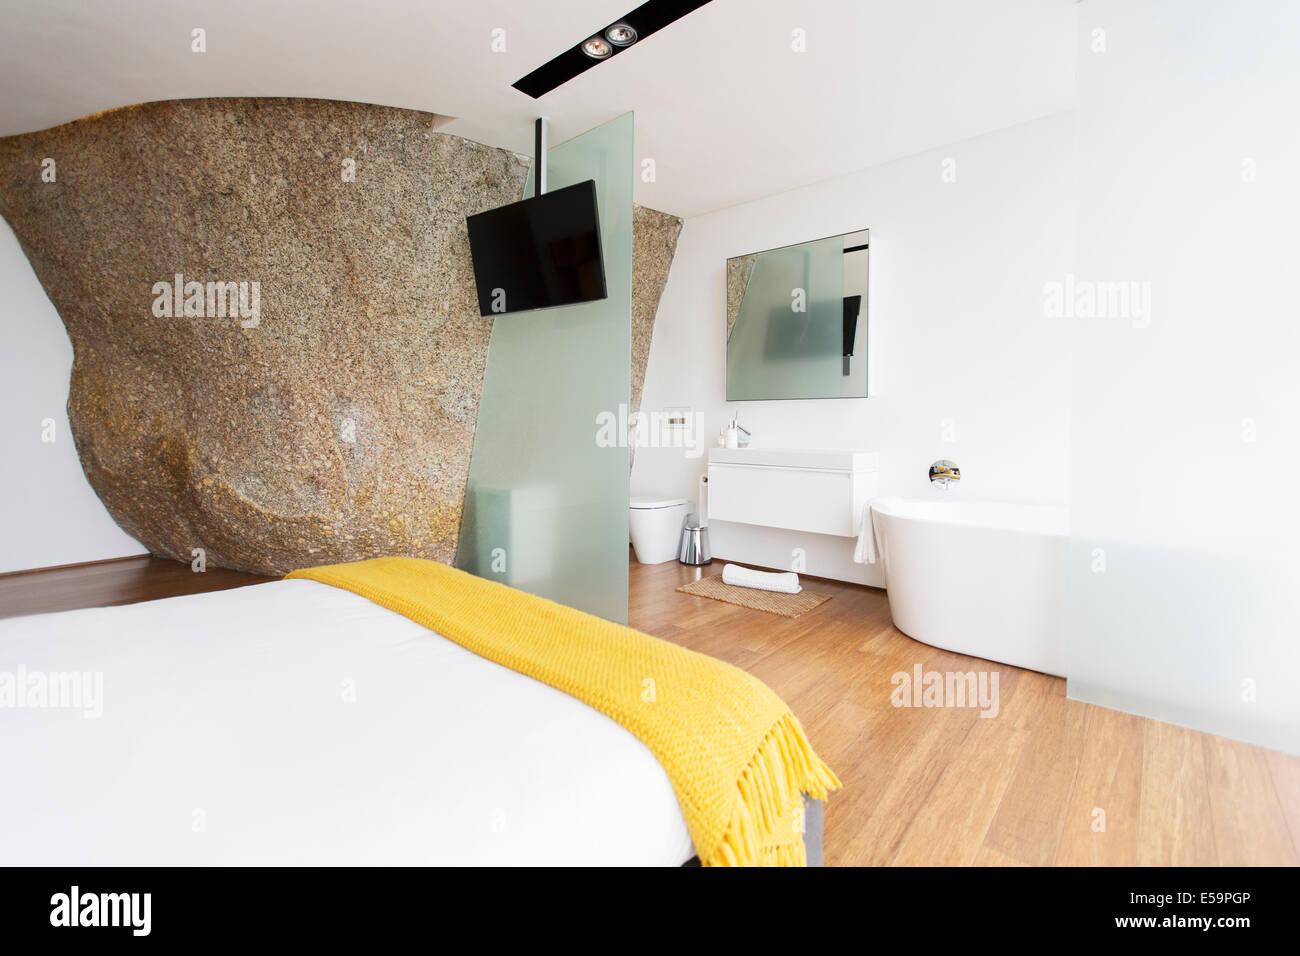 Puerta corrediza de vidrio de moderno cuarto de baño Foto de stock